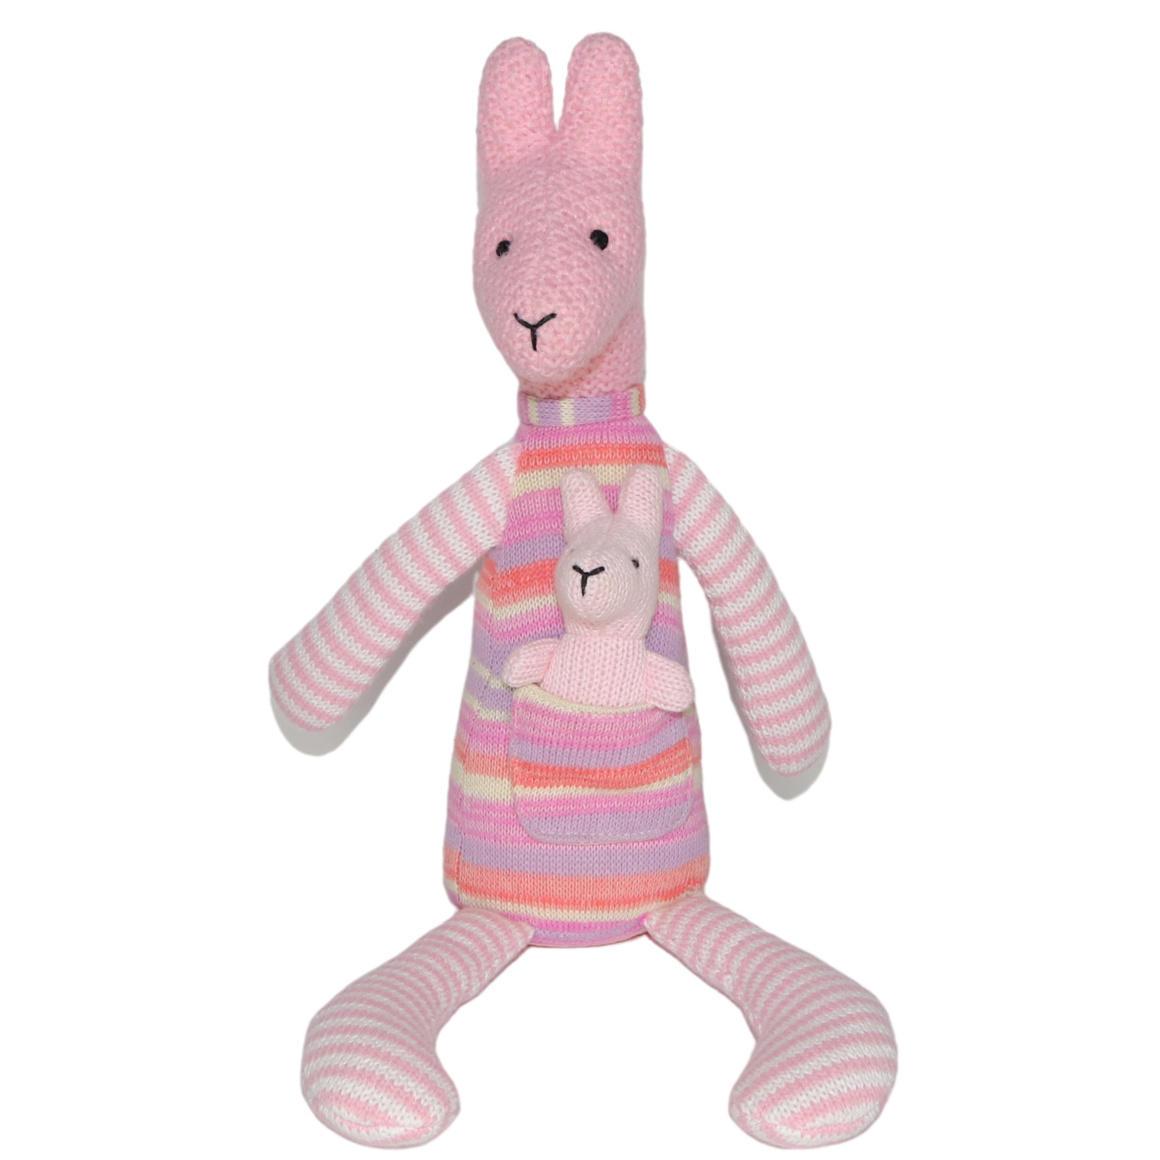 Plush Toy Kangaroo & Baby Joey - Pink/Stripe    Trada Marketplace